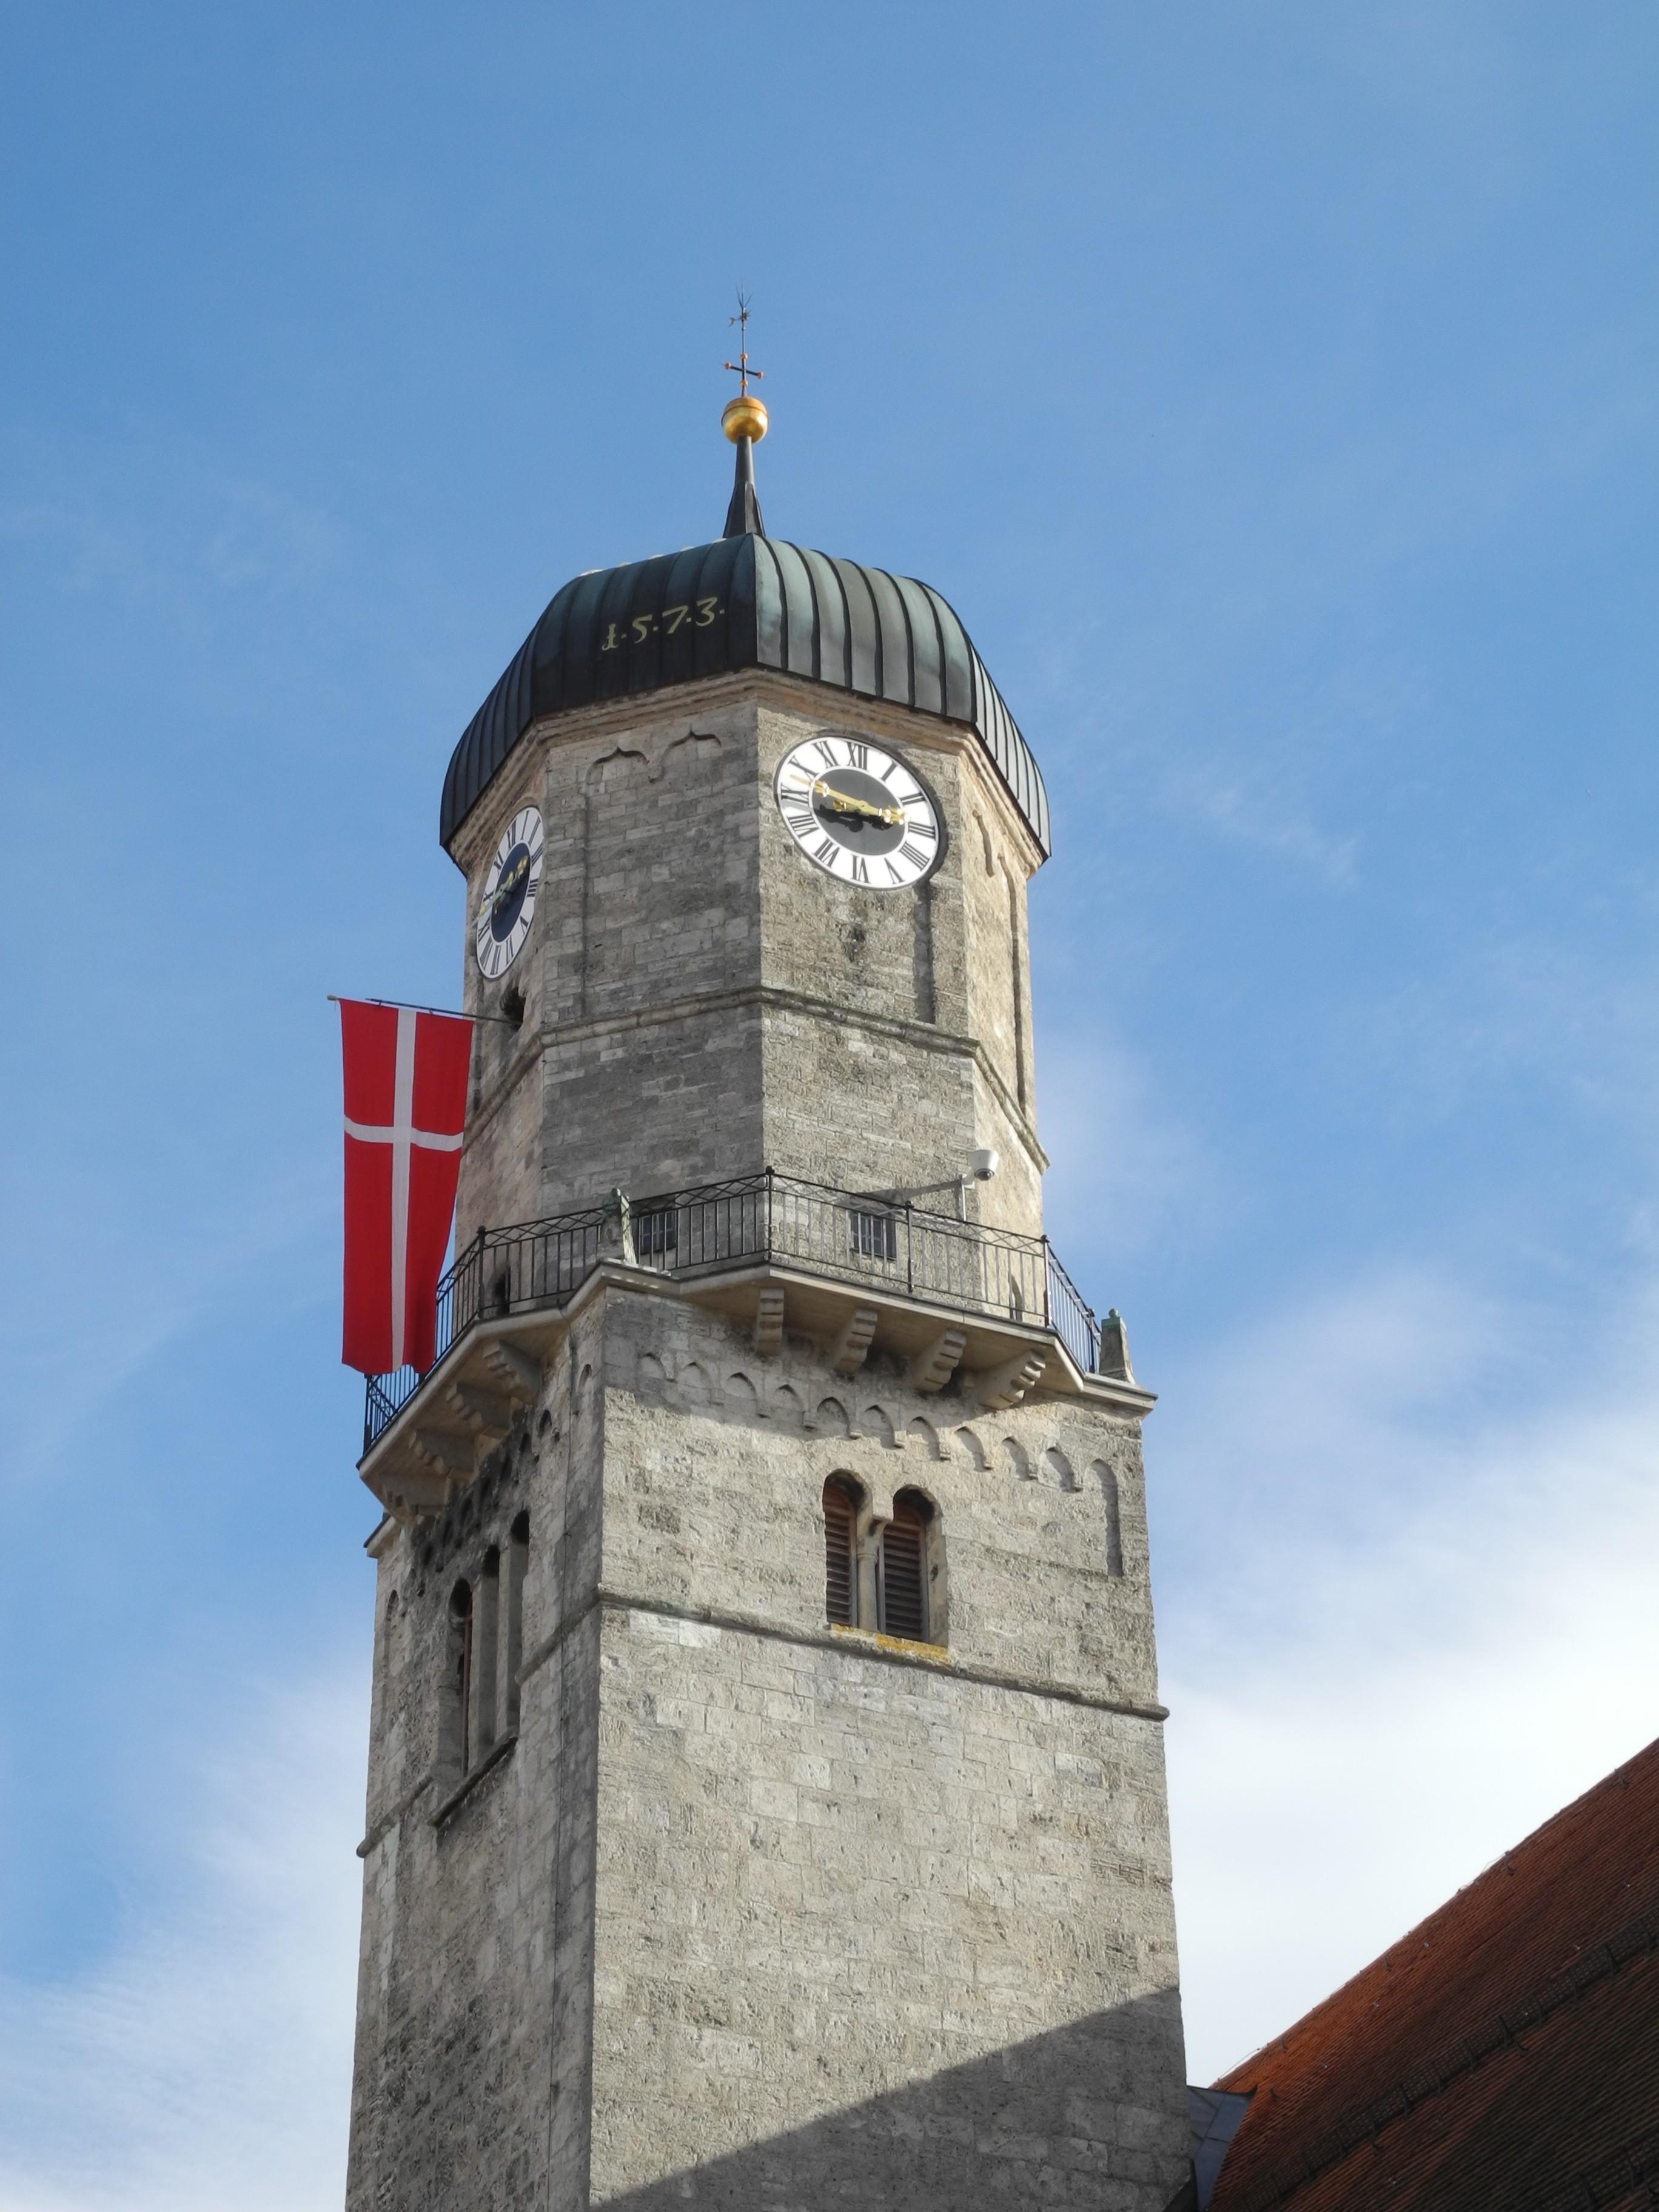 """""""Zachäus"""" an der Stadtpfarrkirche Mariae Himmelfahrt in Weilheim/Obb. (Foto: Franzfoto (2013). GNU Free Documentation License (GFDL) 1.2 or later; CC-BY-SA 1.0, 2.0, 2.5, 3.0)"""